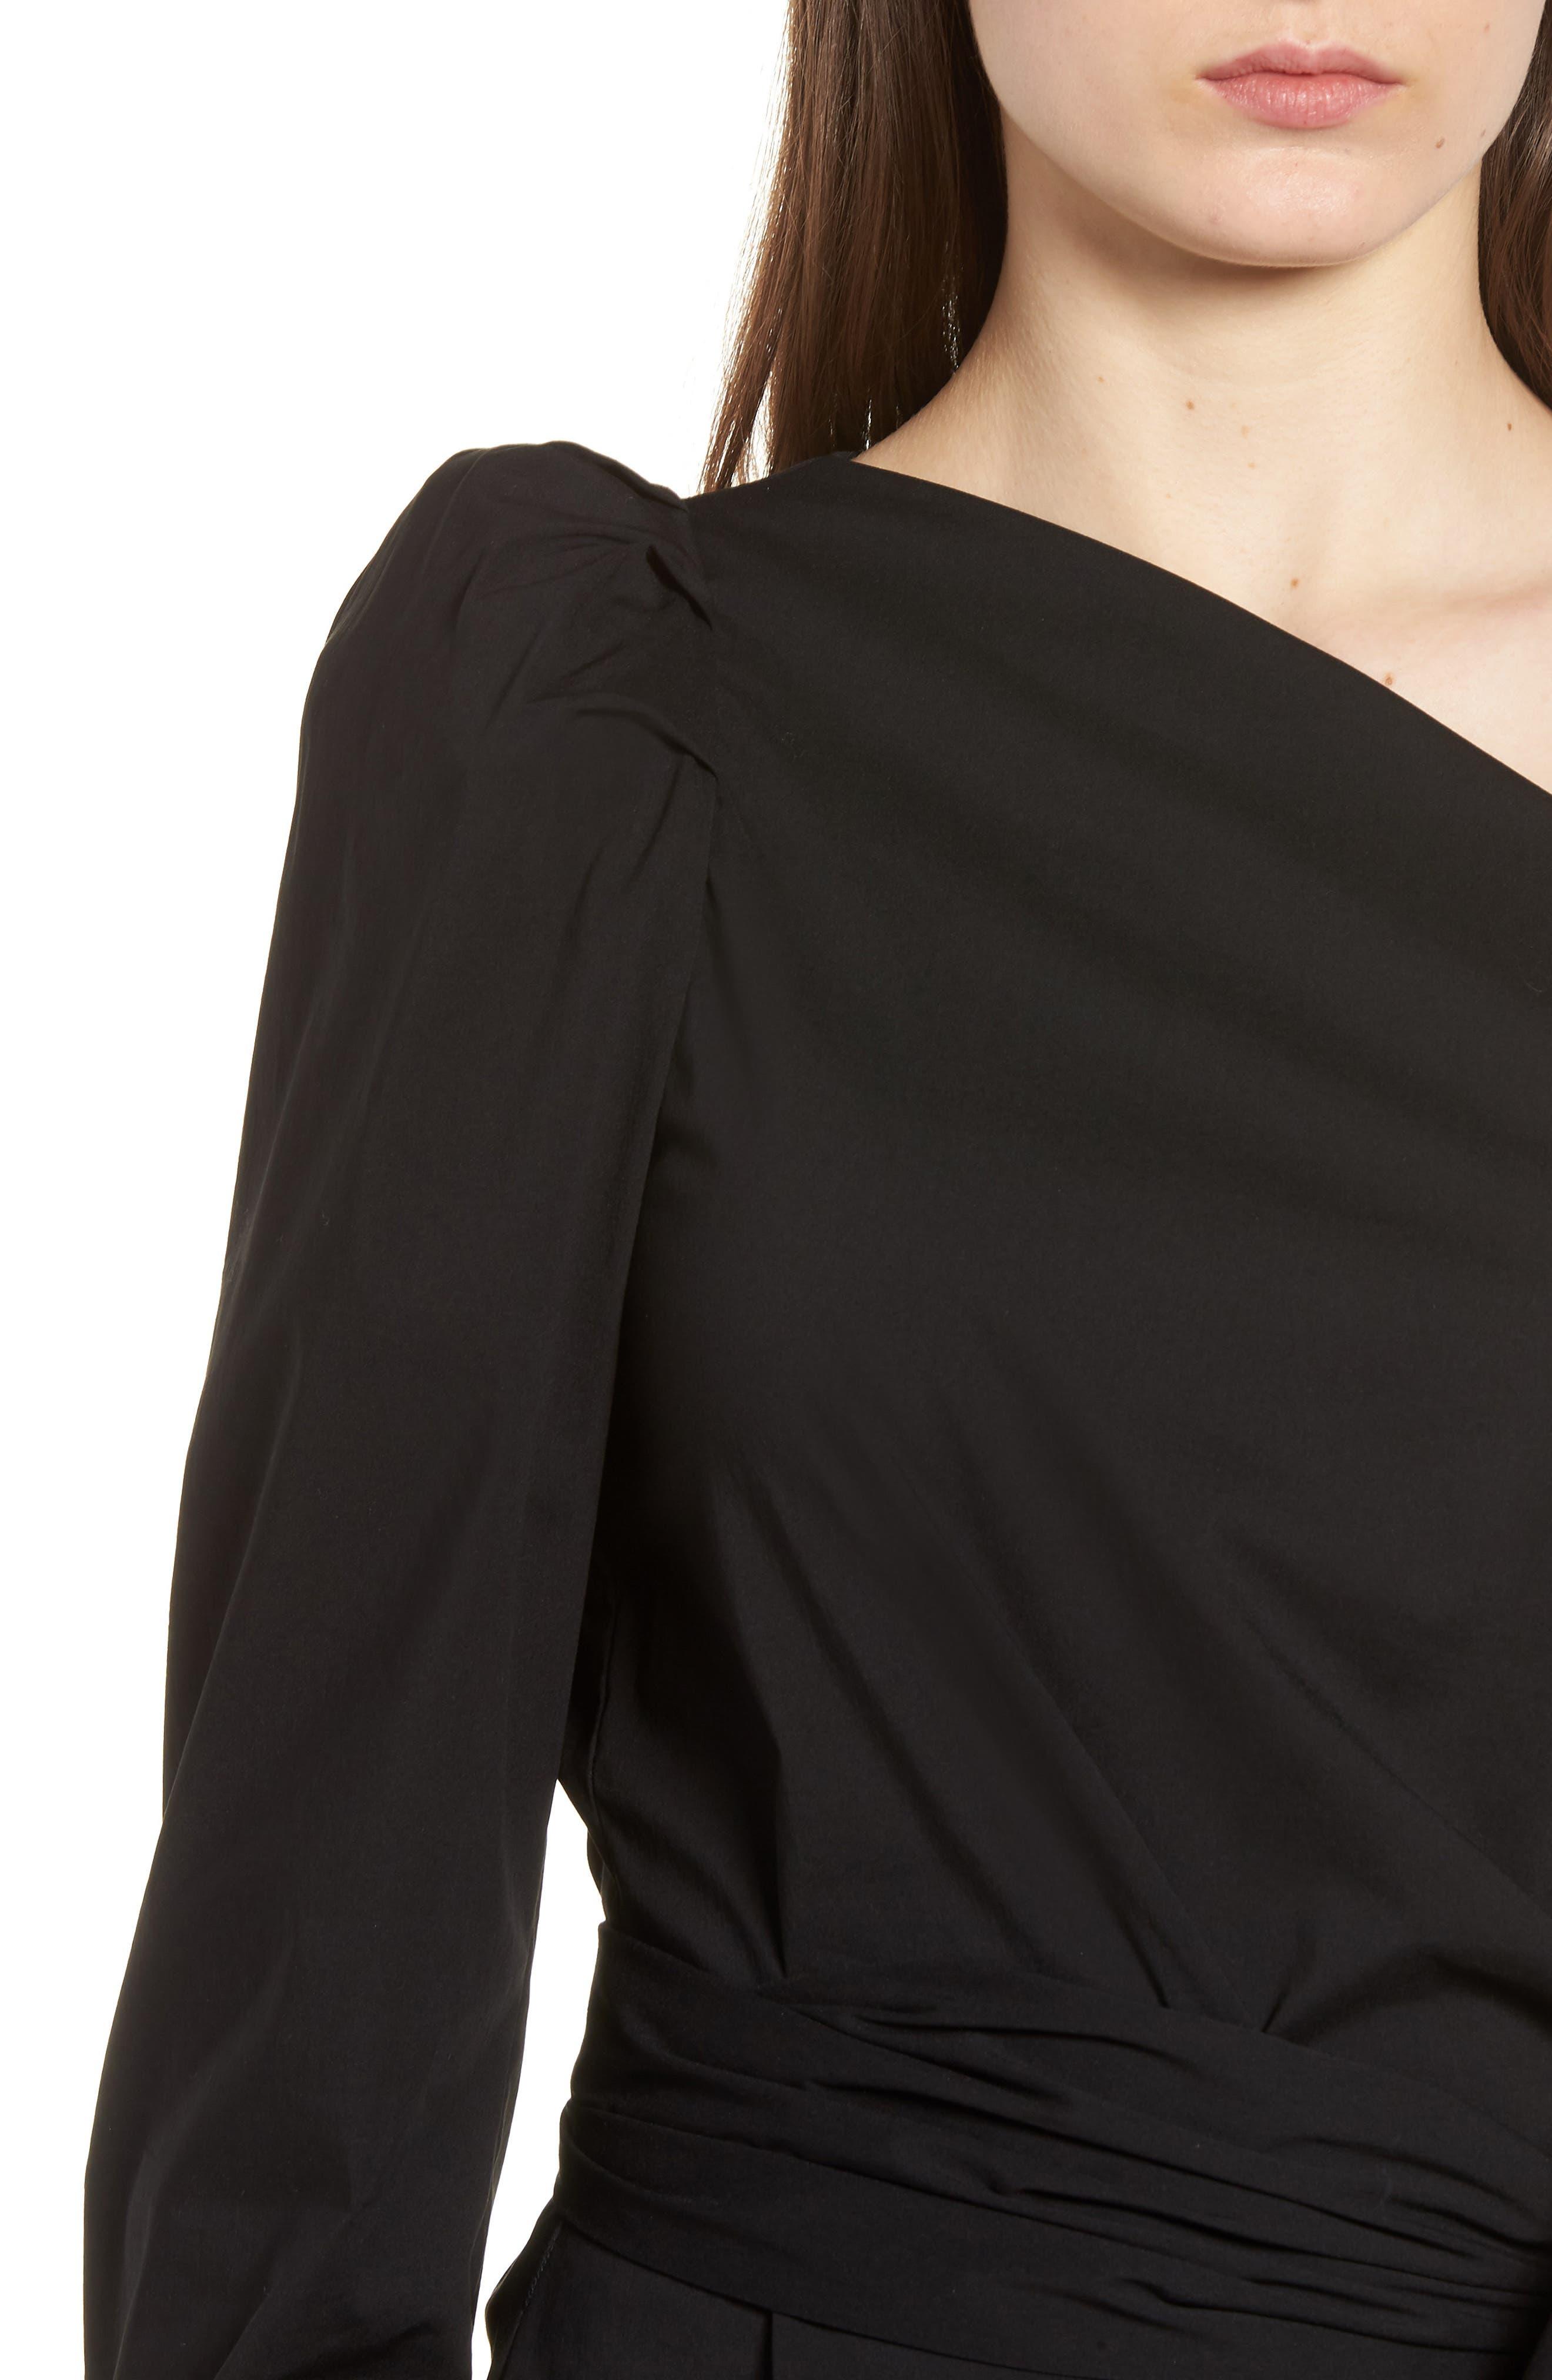 Bishop + Young Belted One-Shoulder Blouse,                             Alternate thumbnail 4, color,                             Black